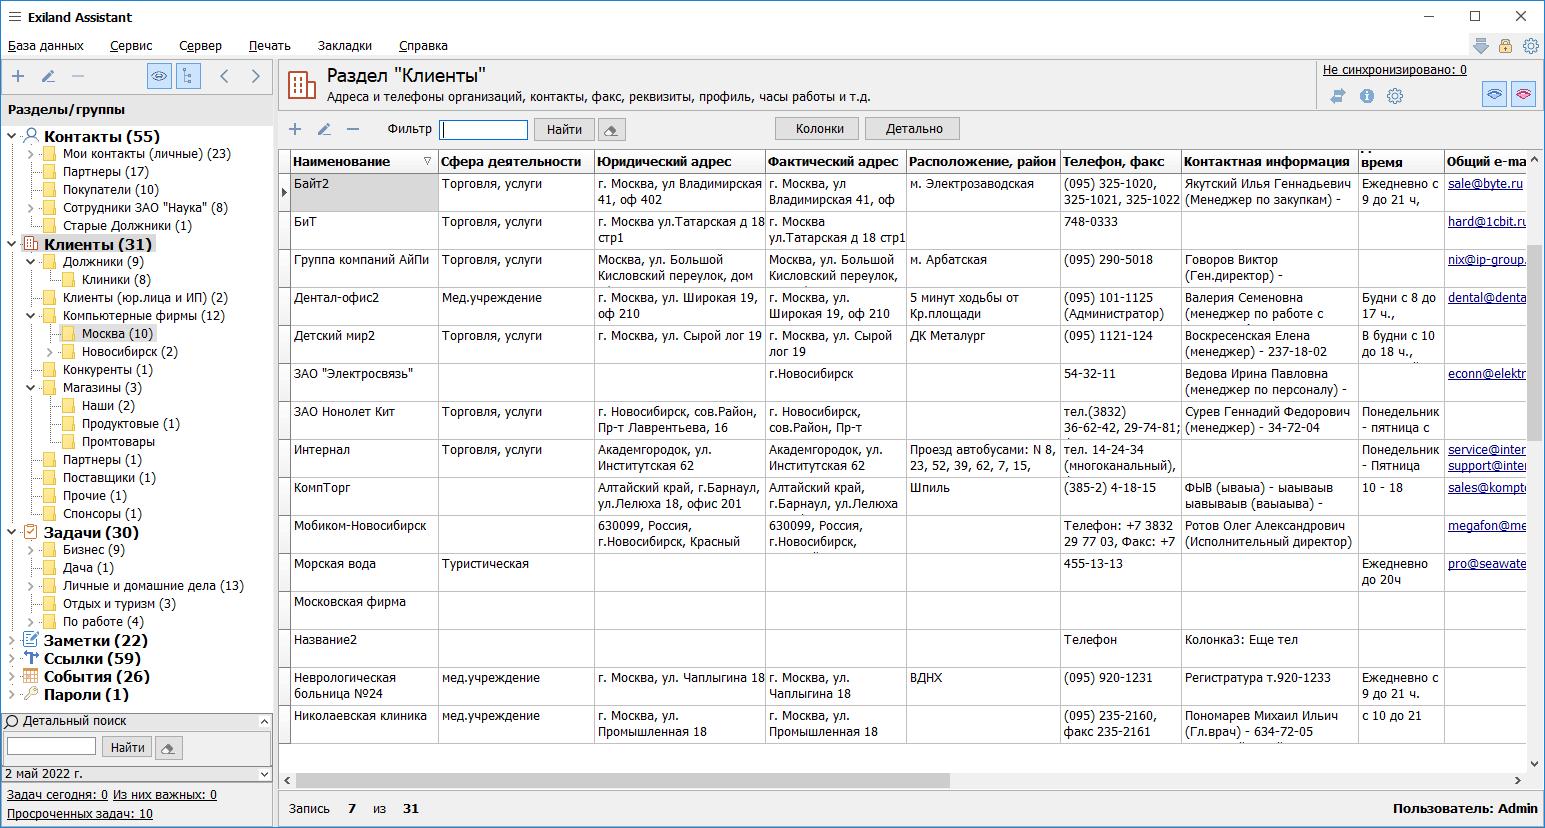 программа для ведения базы данных клиентов бесплатно